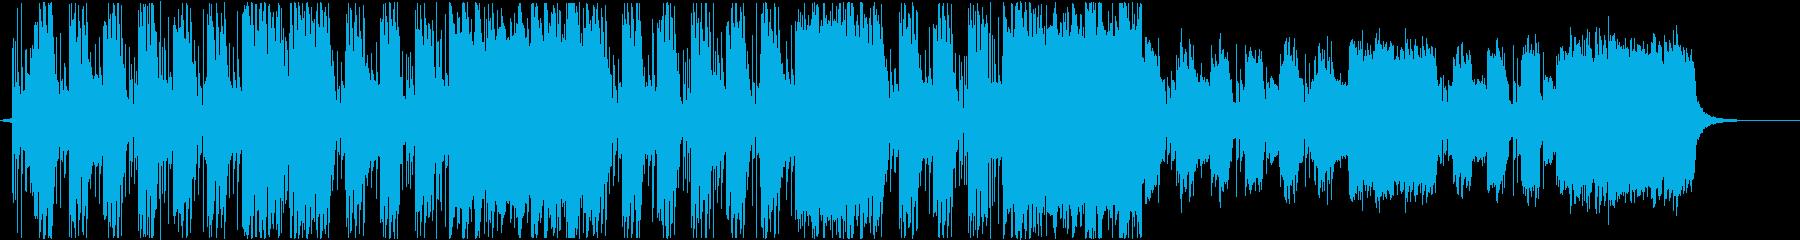 企業VP、CM系EDM 5の再生済みの波形